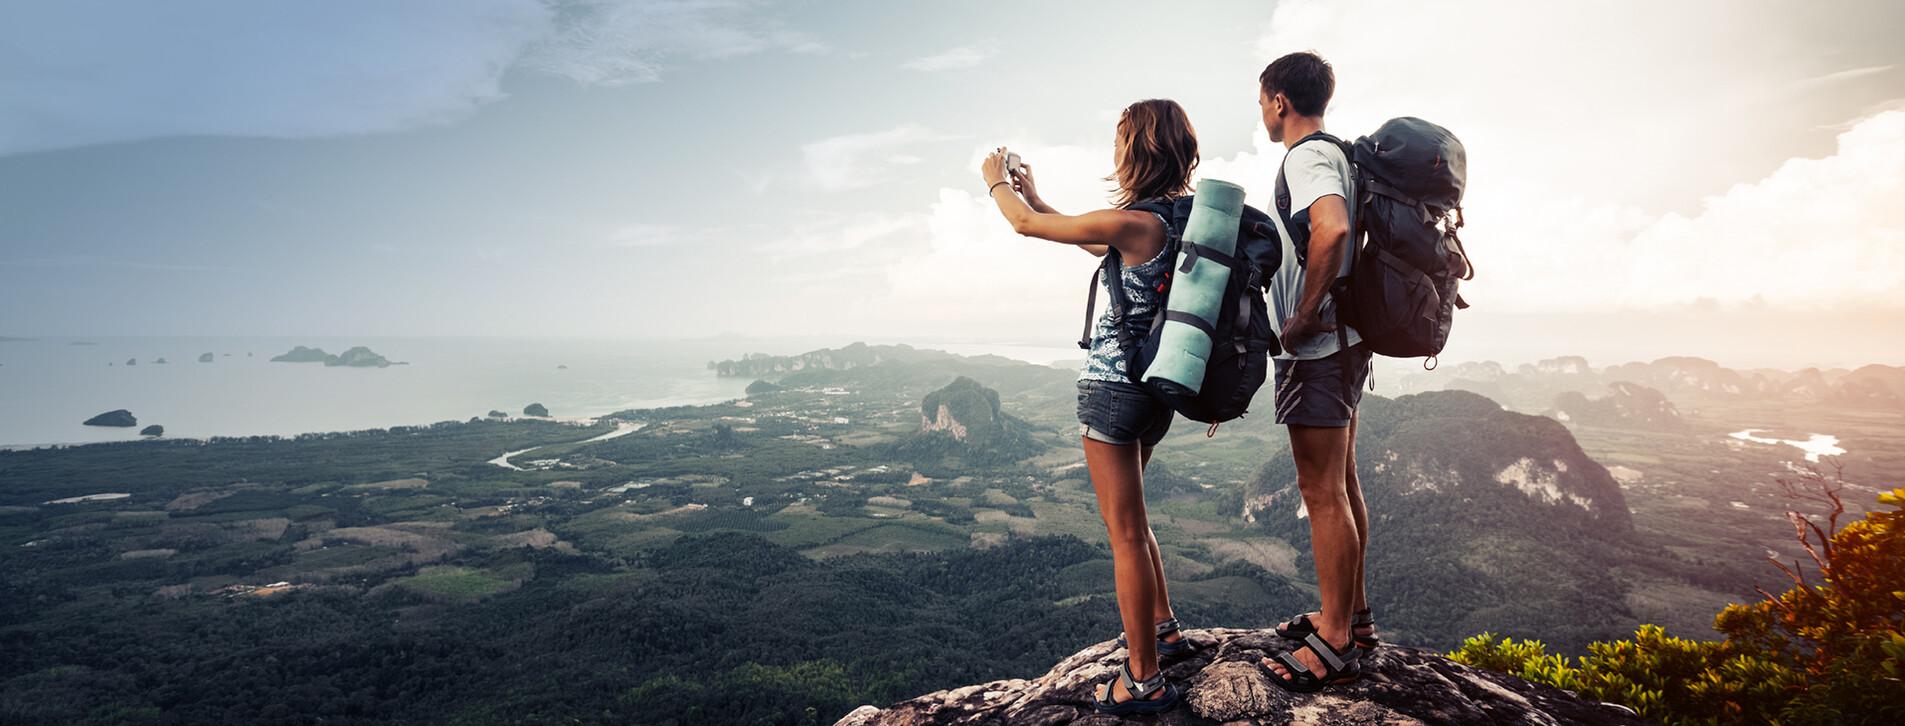 Фото 1 - Мастер-класс travel-фотографии для двоих